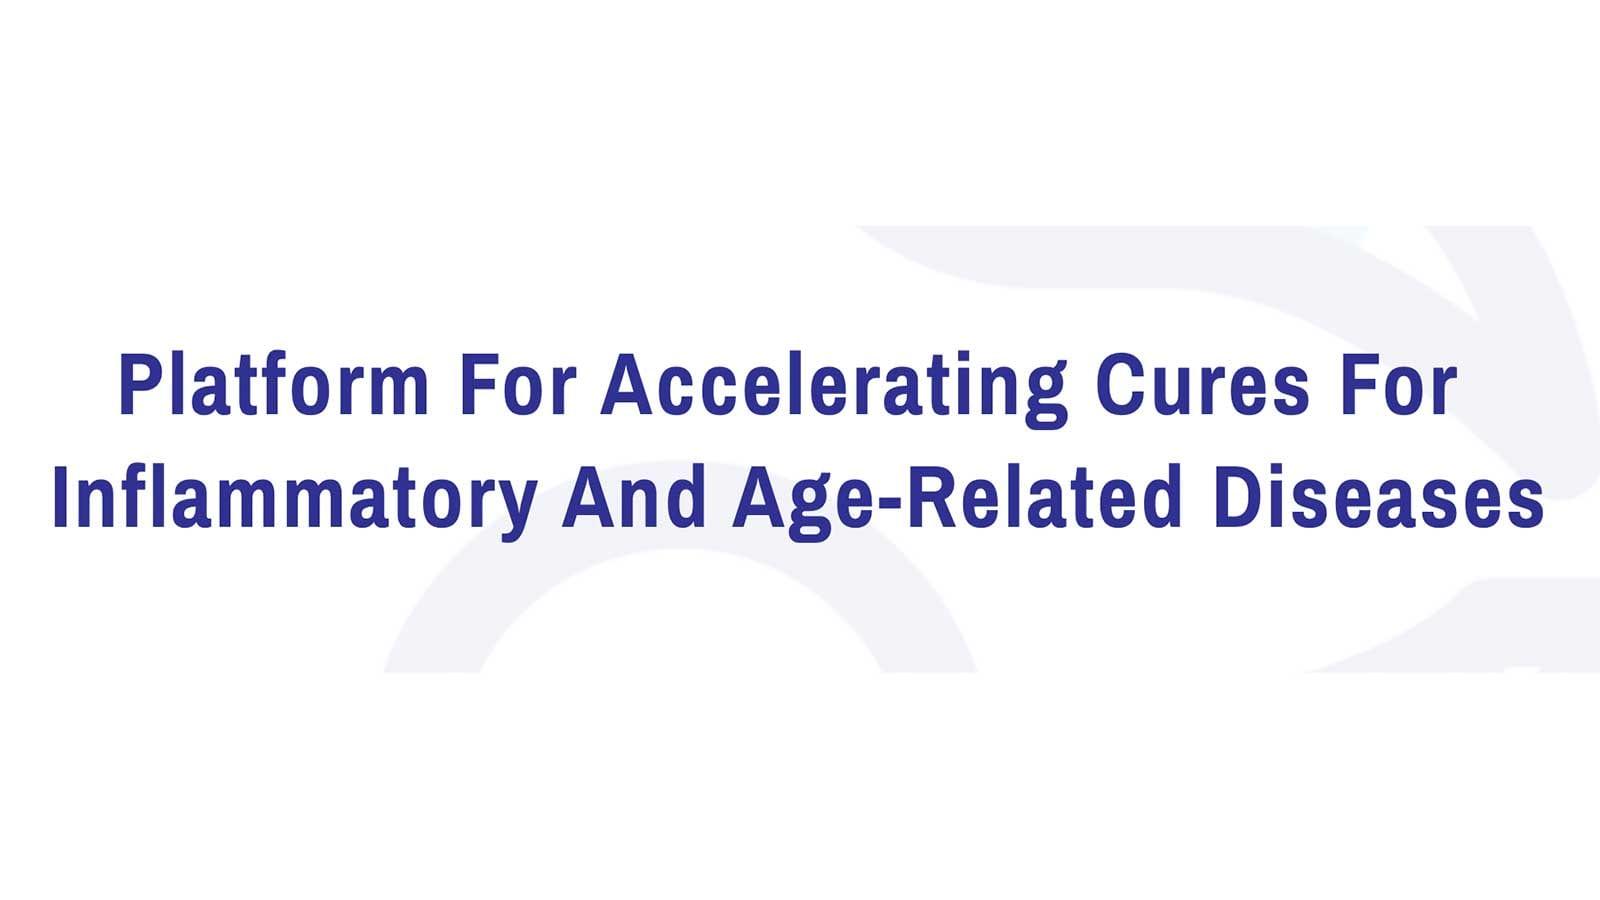 炎症性疾患や加齢性疾患の治療薬の低コスト開発と迅速な患者への提供を目指すGEn1E Lifesciences